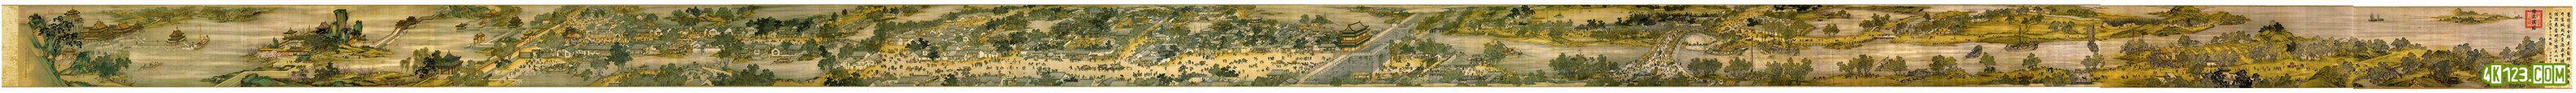 本人收藏的超清中国地图  清明上河图(11935×8554)